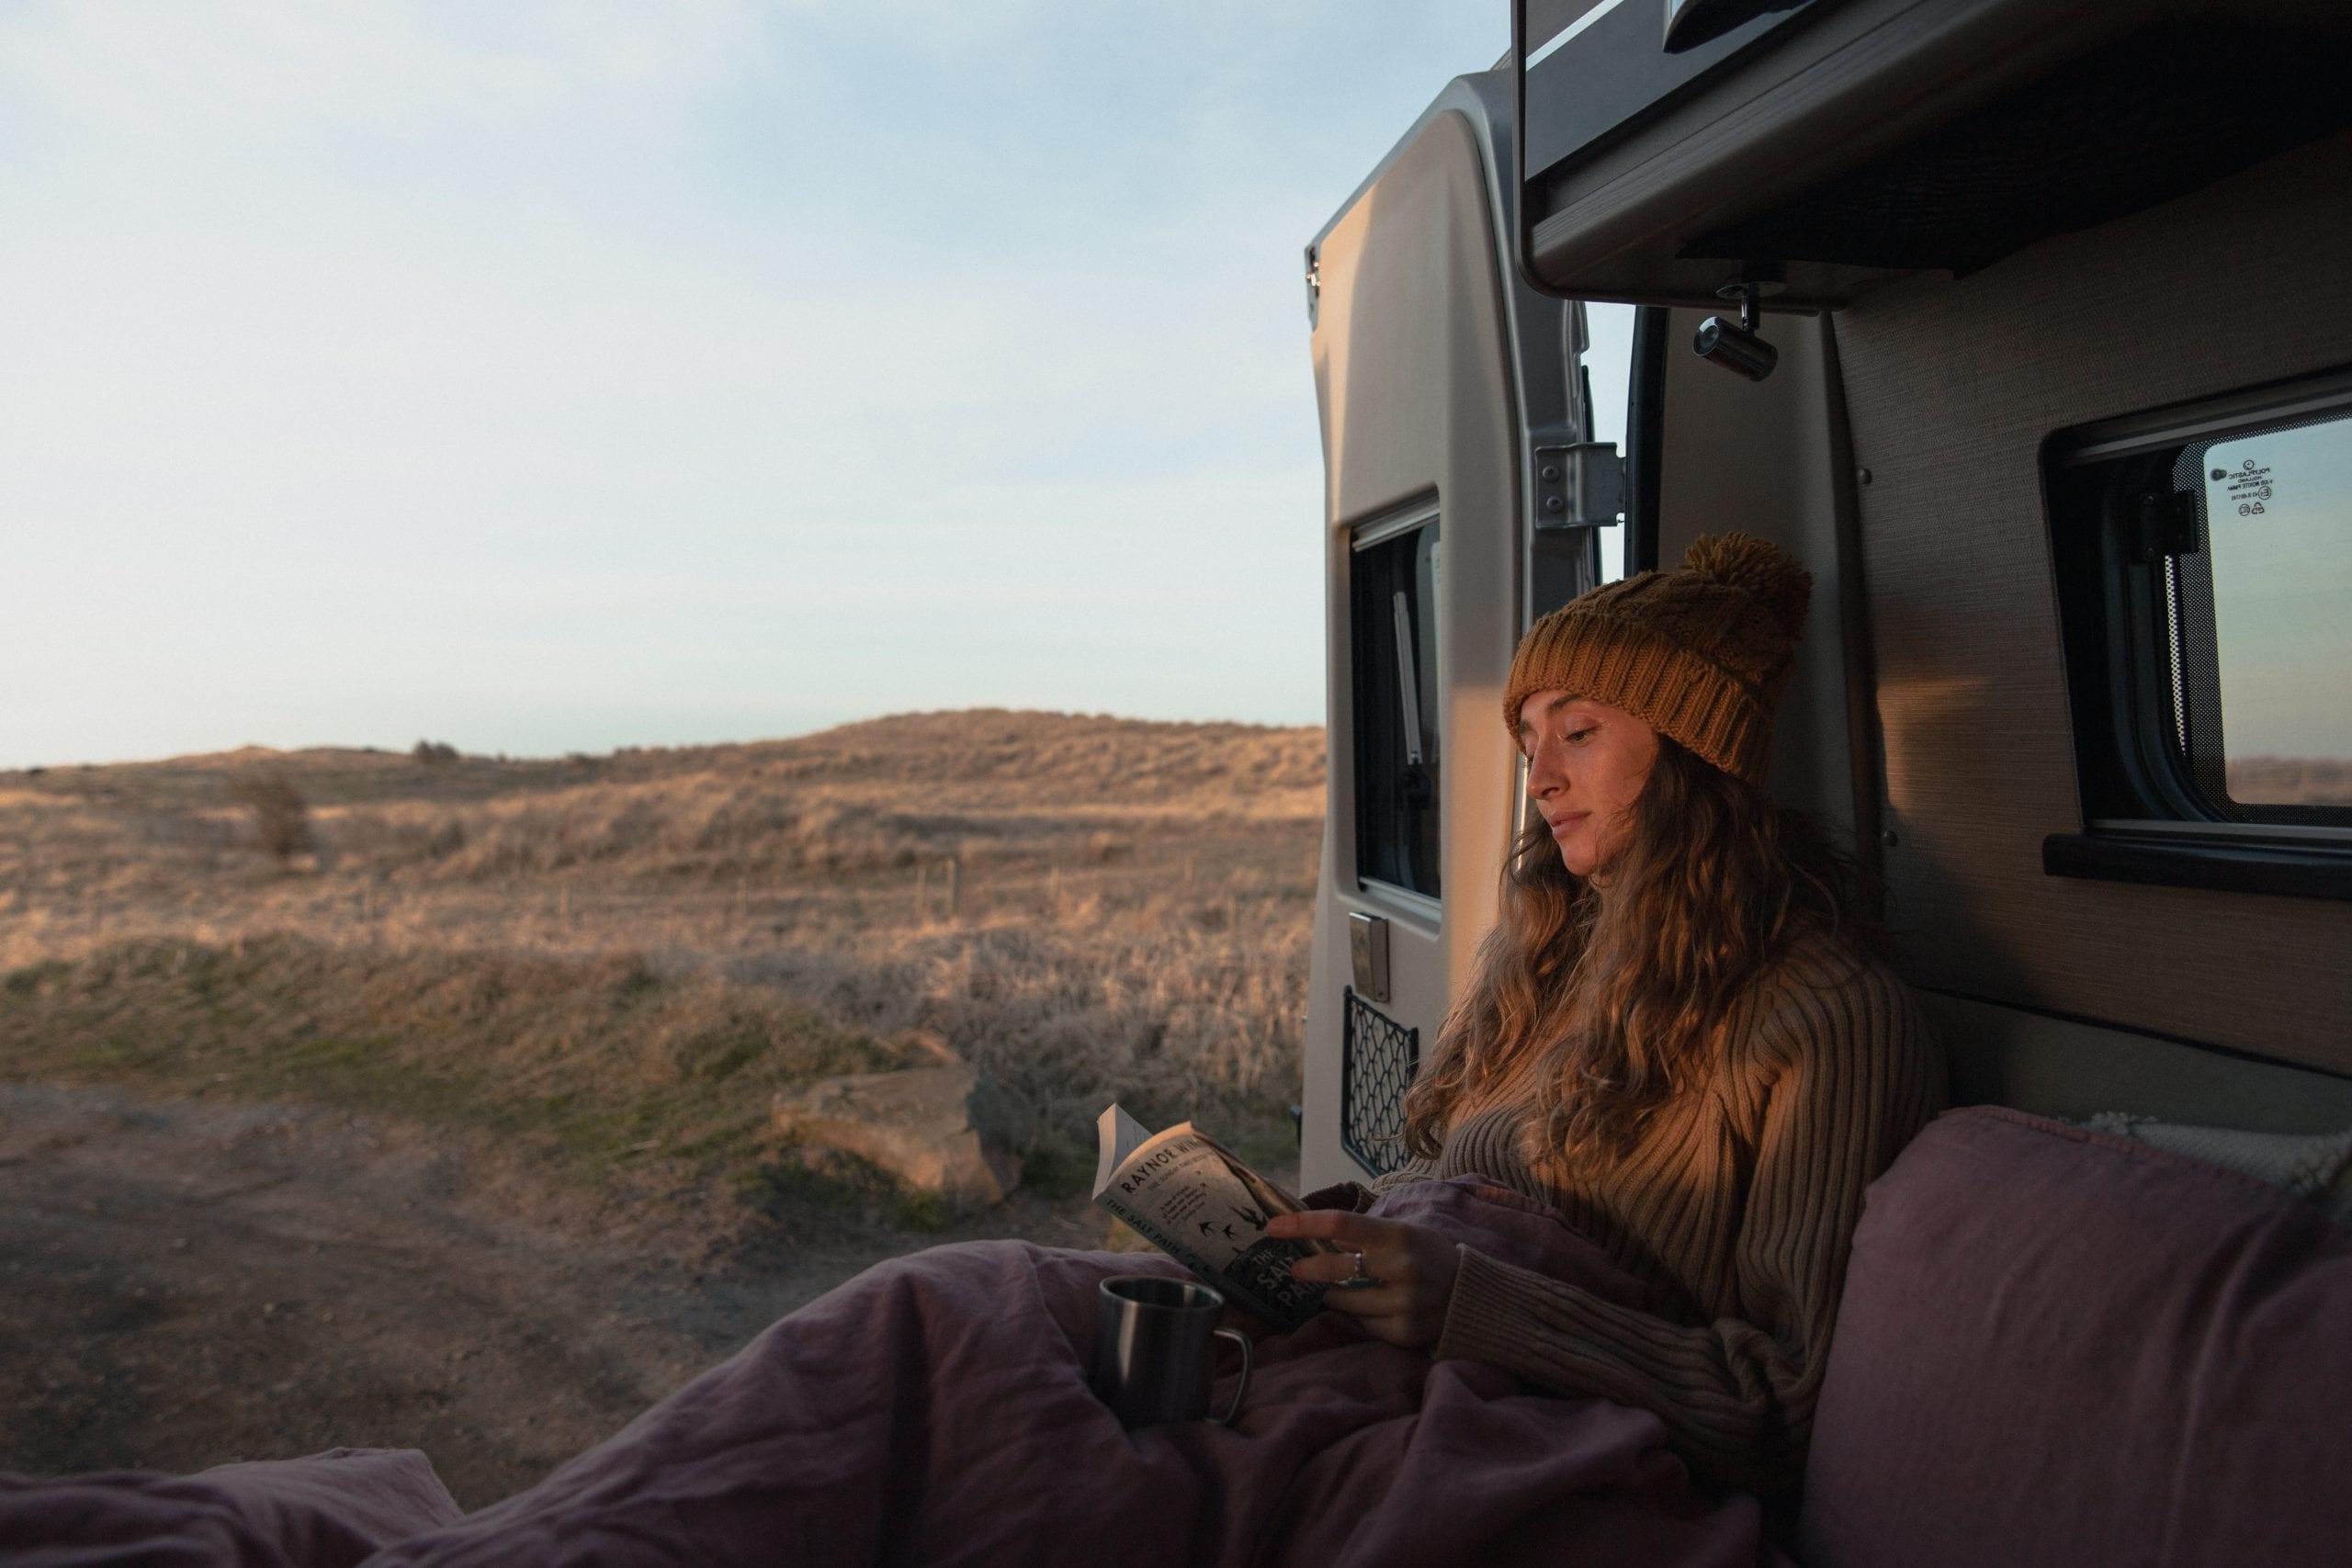 Het nieuwe reizen, met een gehuurde camper op pad relaxen